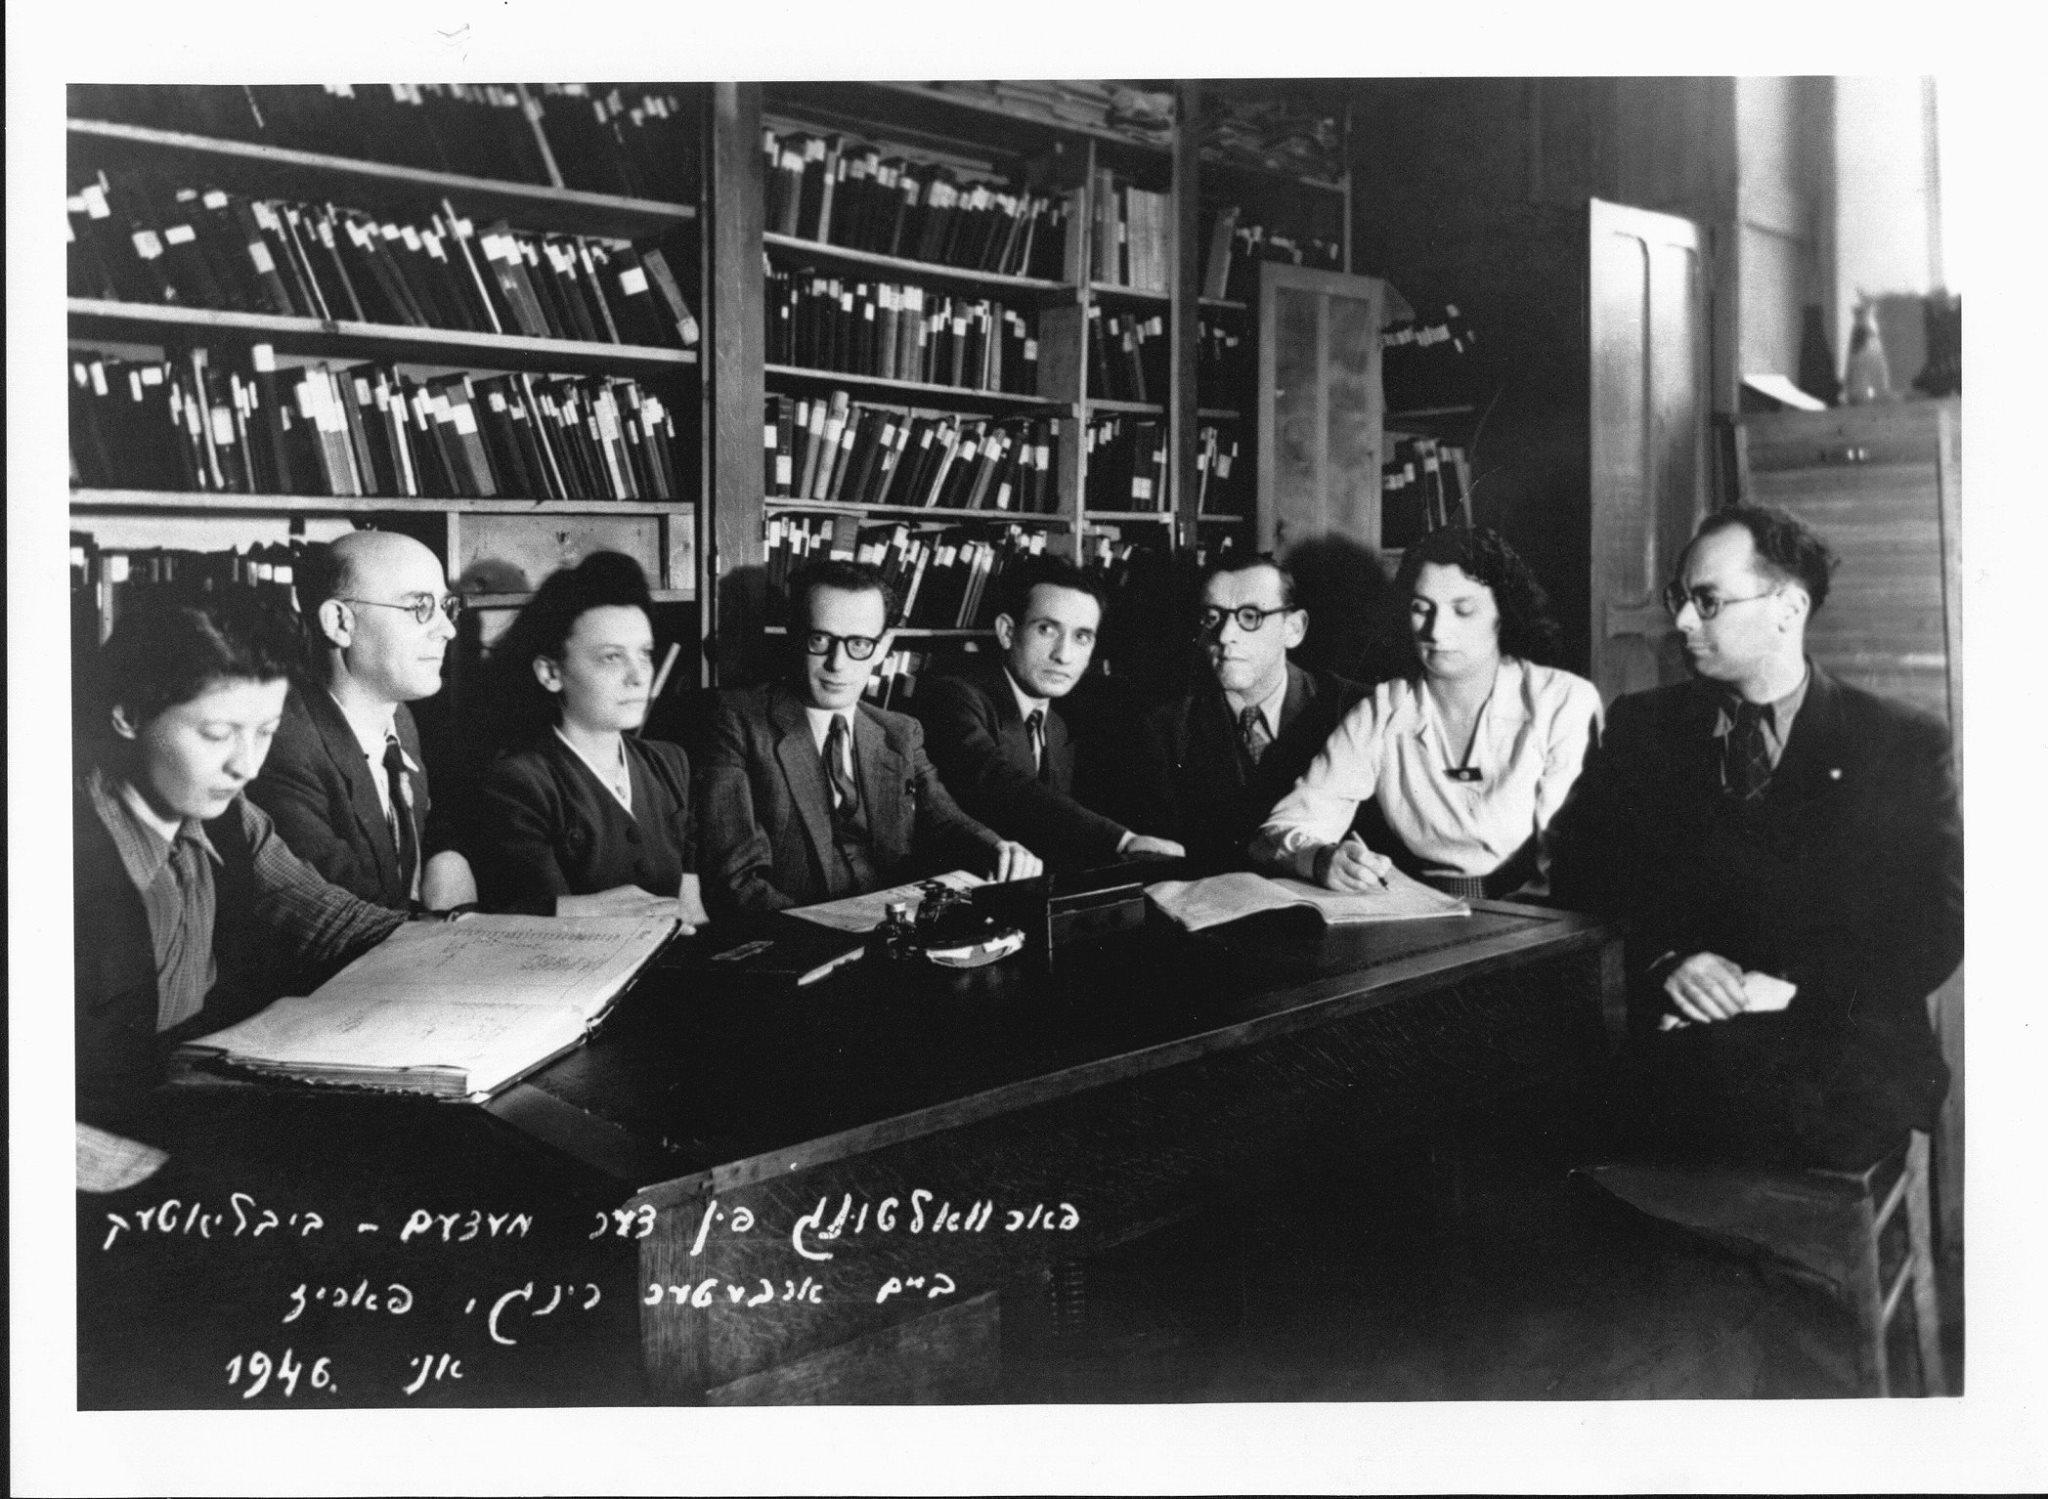 Conseil d'administration de la Bibliothèque Medem à l'Arbeter-Ring-Paris 1946